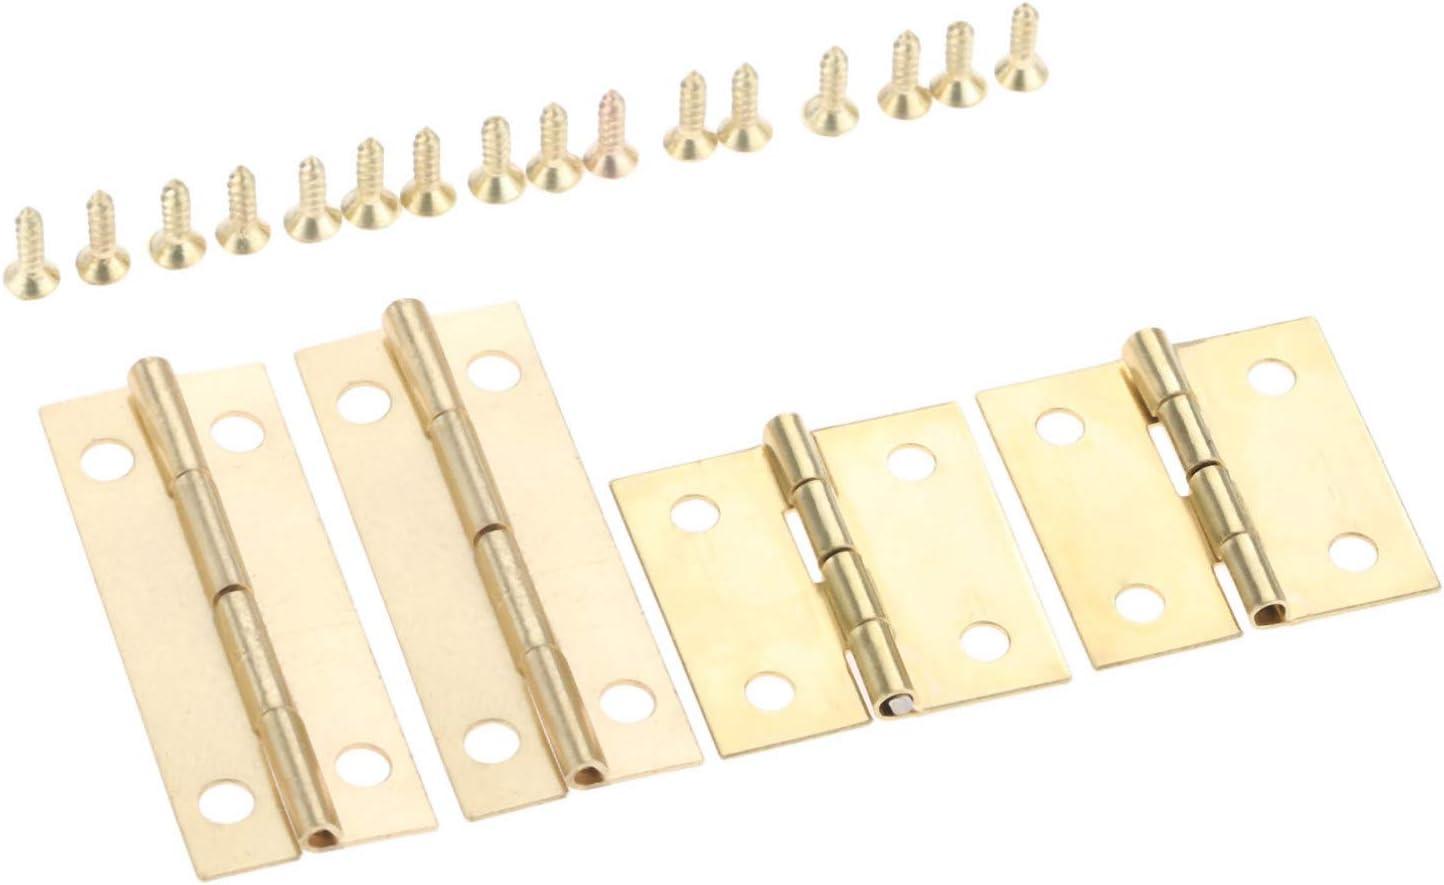 4 Uds, Bisagra de muebles de puerta de armario dorado antiguo, cajas de madera para joyería, bisagra decorativa para equipaje, accesorios para muebles con tornillos